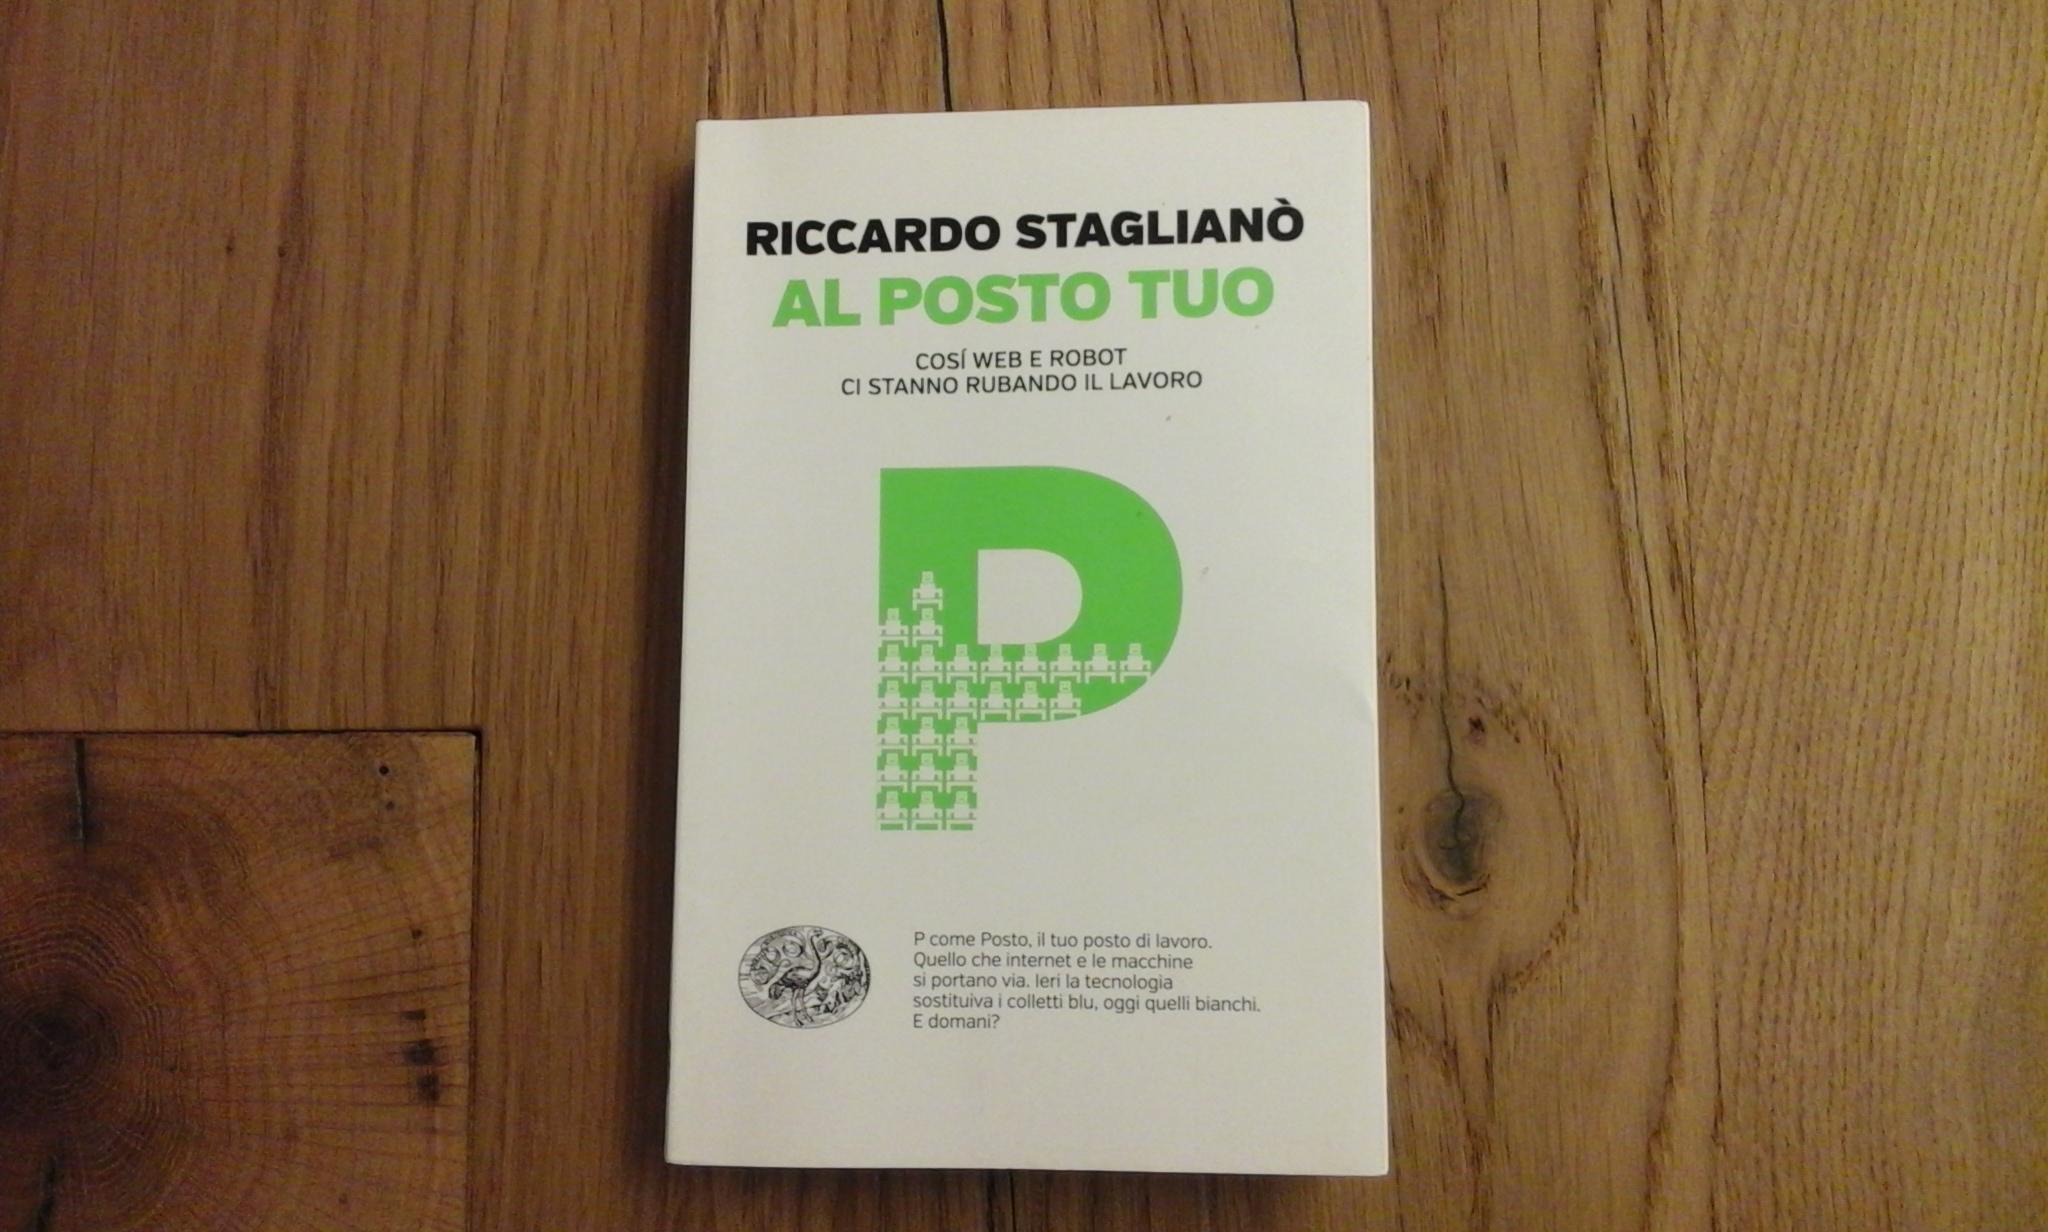 Al posto tuo, di Riccardo Staglianò